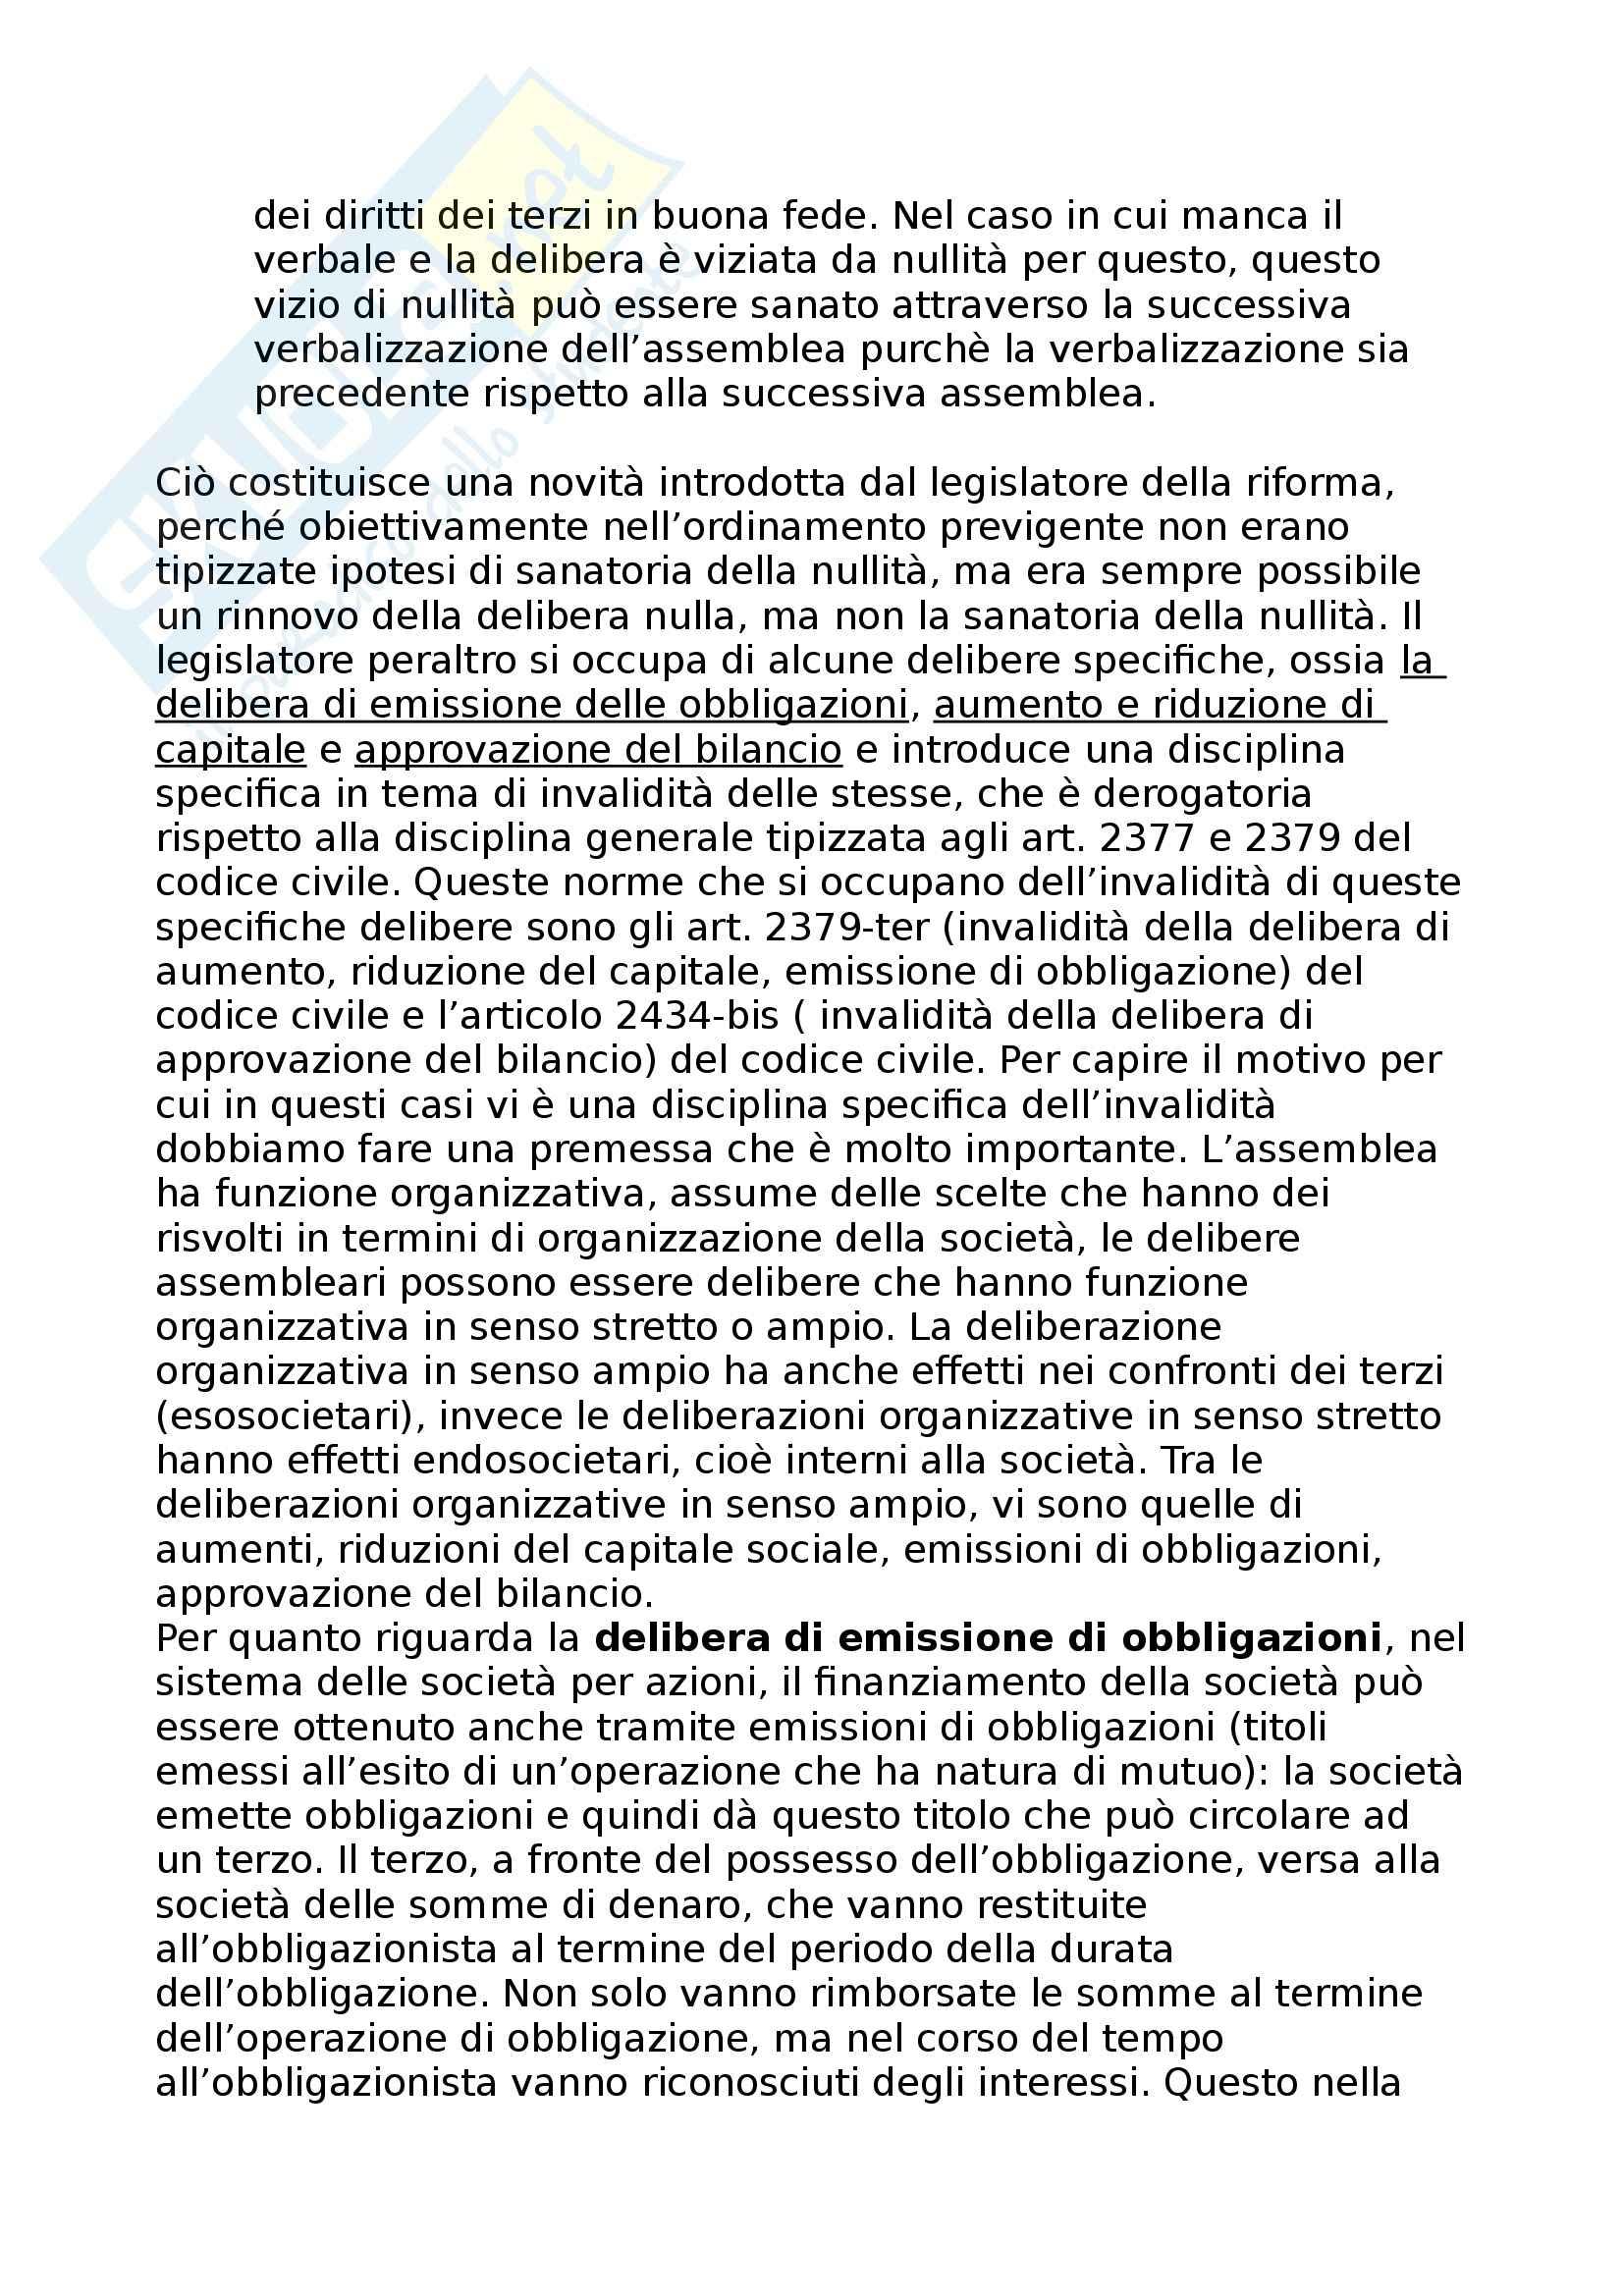 Diritto commerciale - Nullità e annullabilità delle deliberazioni e dei contratti di società Pag. 21